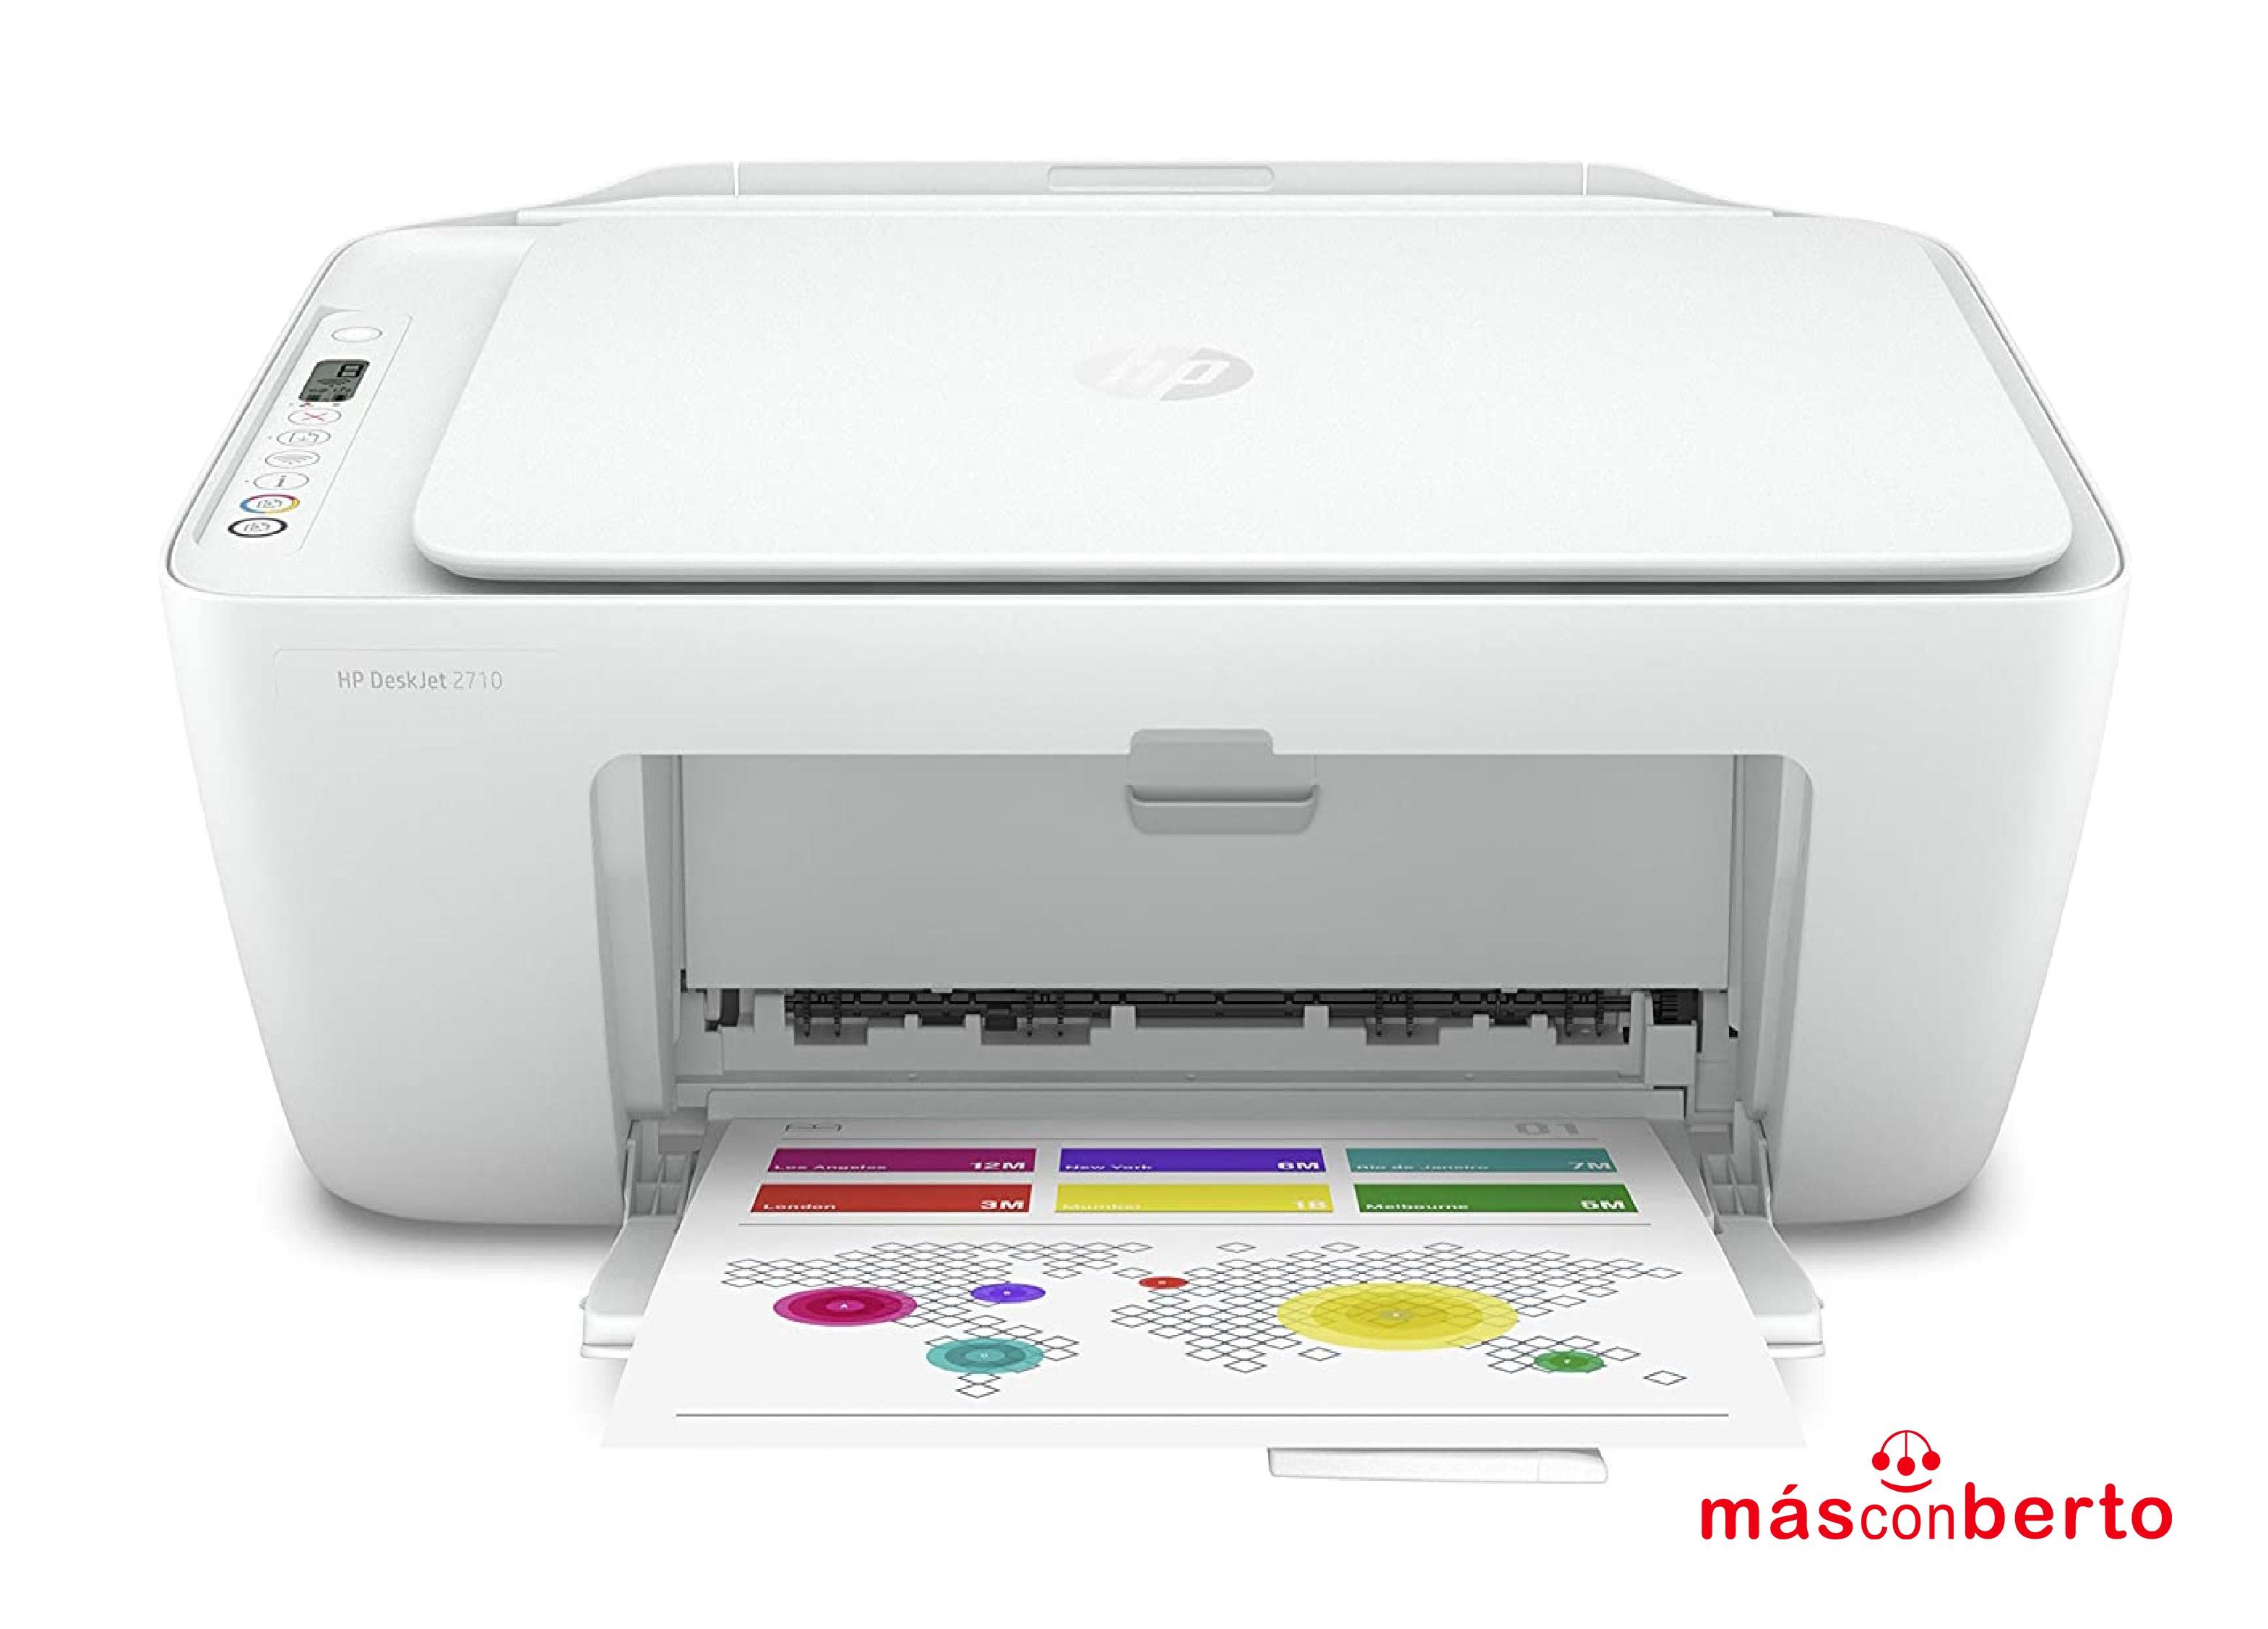 Impresora HP Deskjet 2710 Wifi